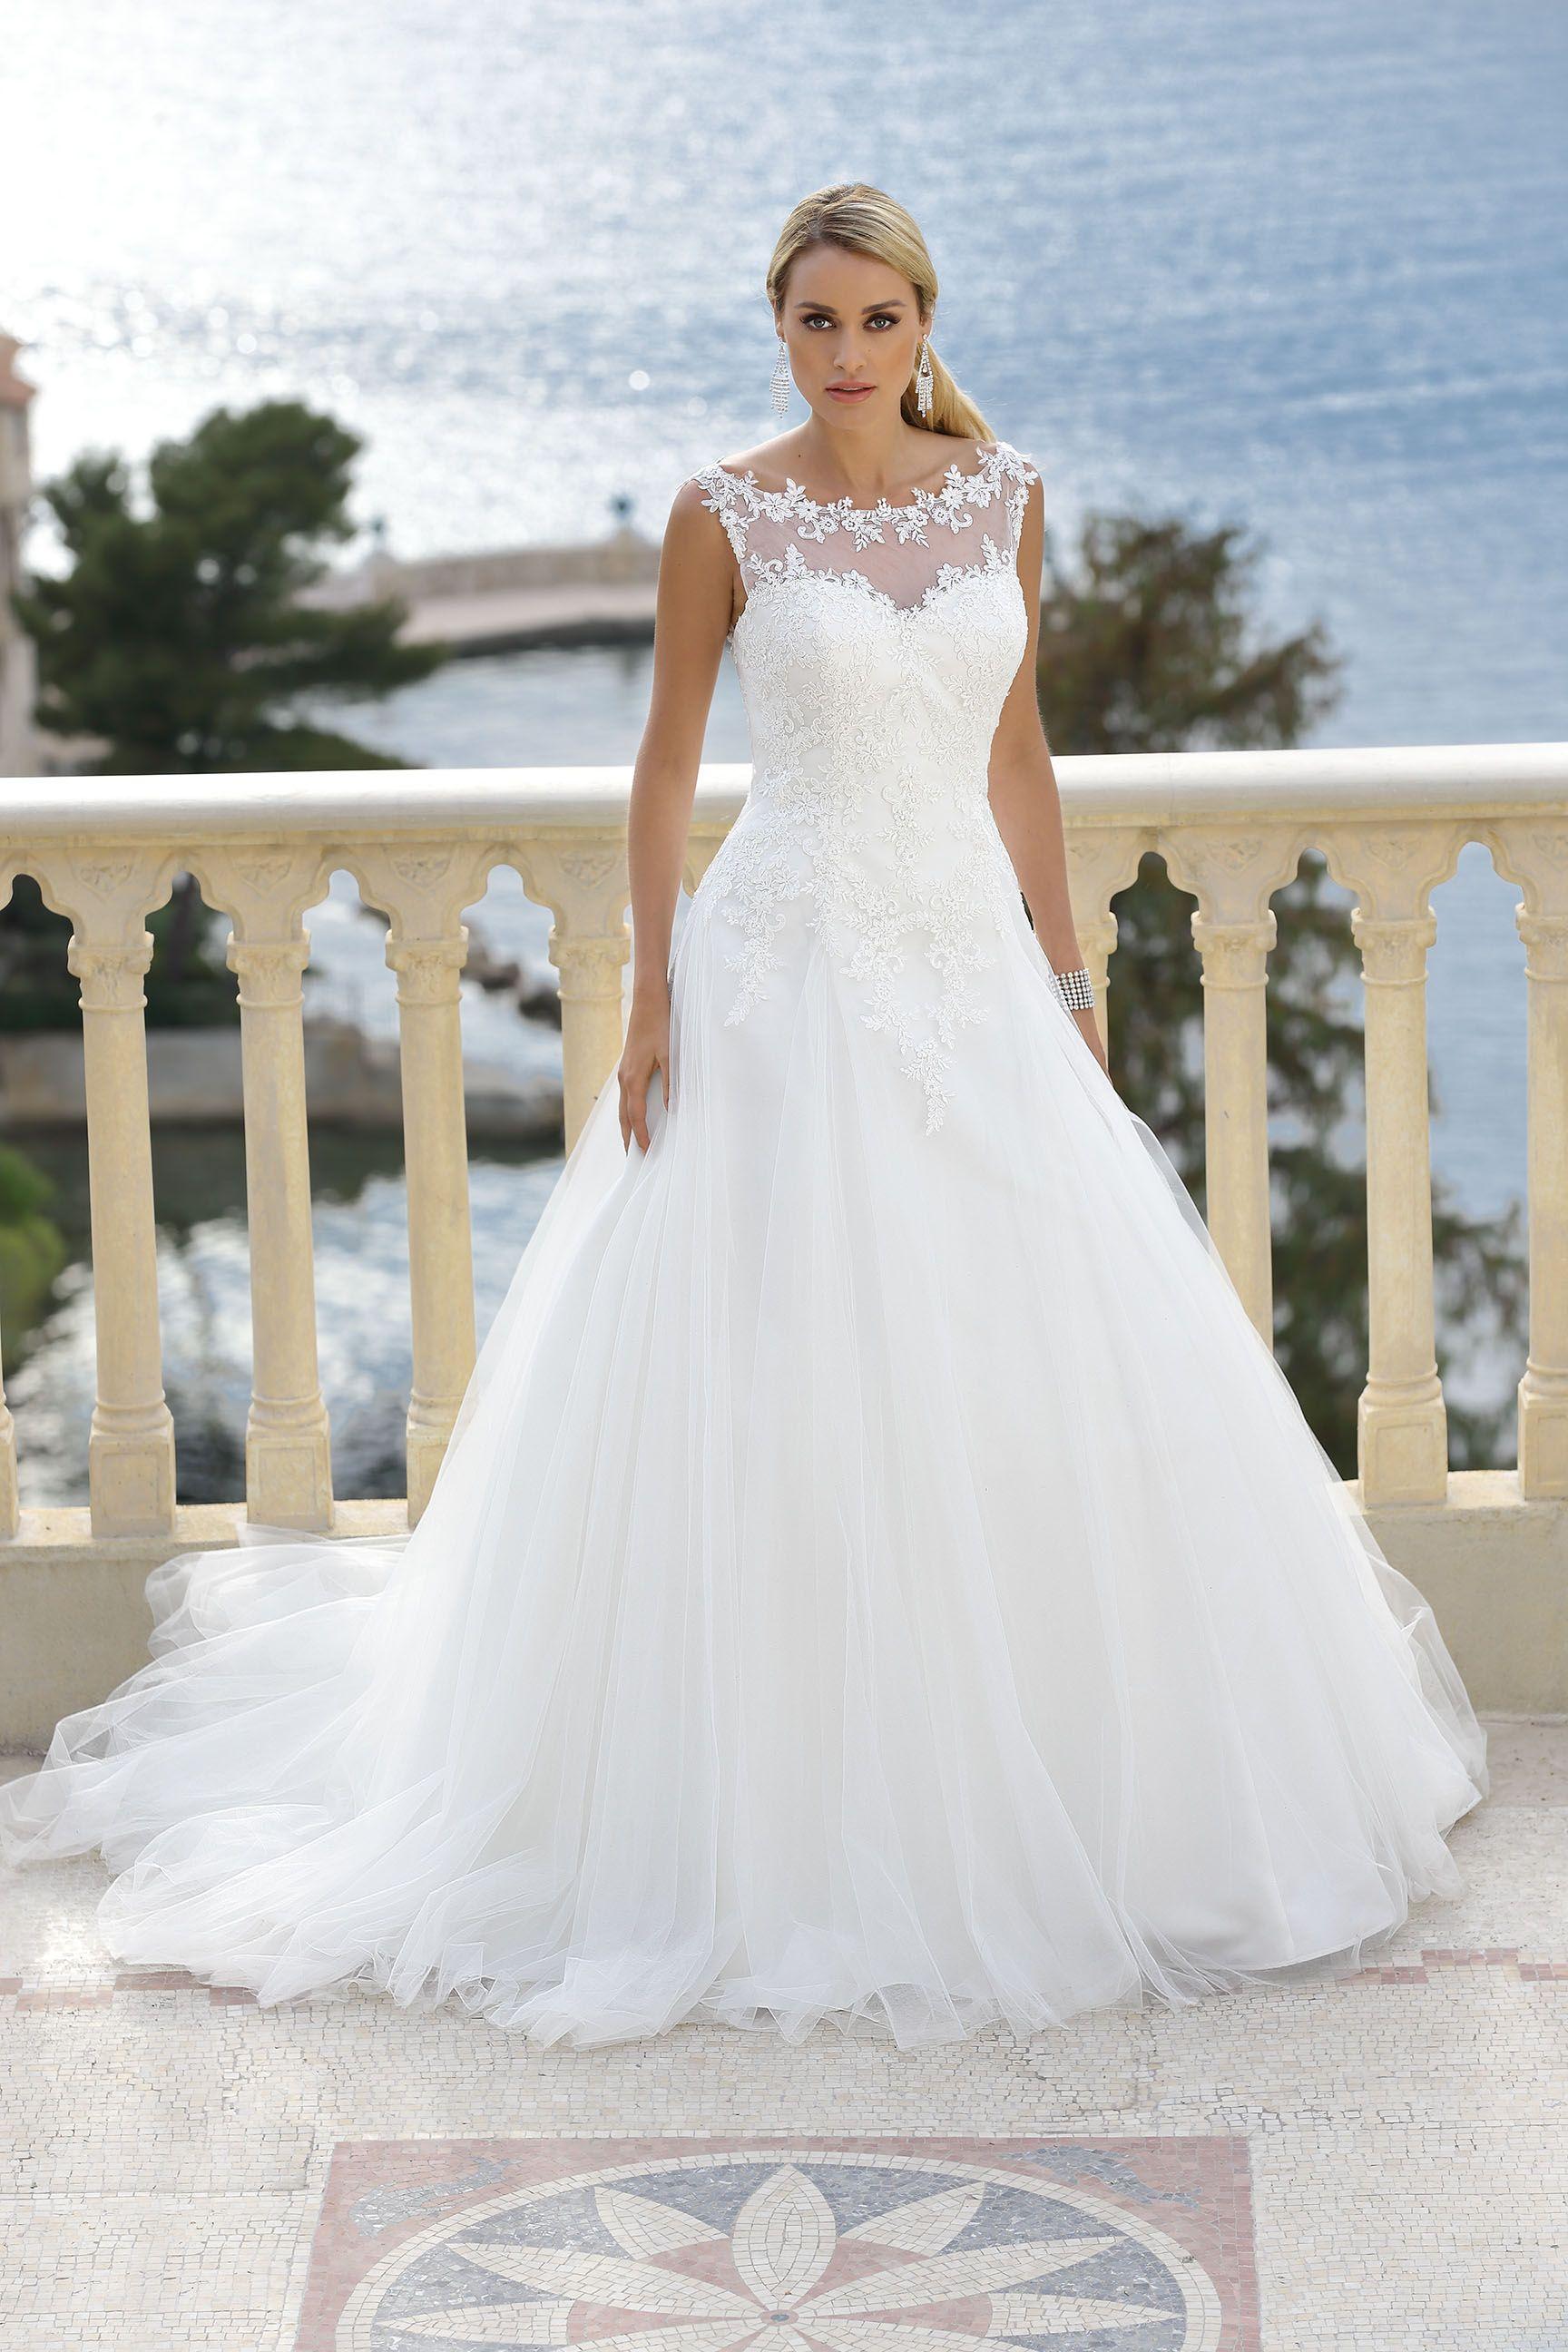 ladybird wedding dress 316007 wedding stuff pinterest hochzeitskleider brautkleid und. Black Bedroom Furniture Sets. Home Design Ideas